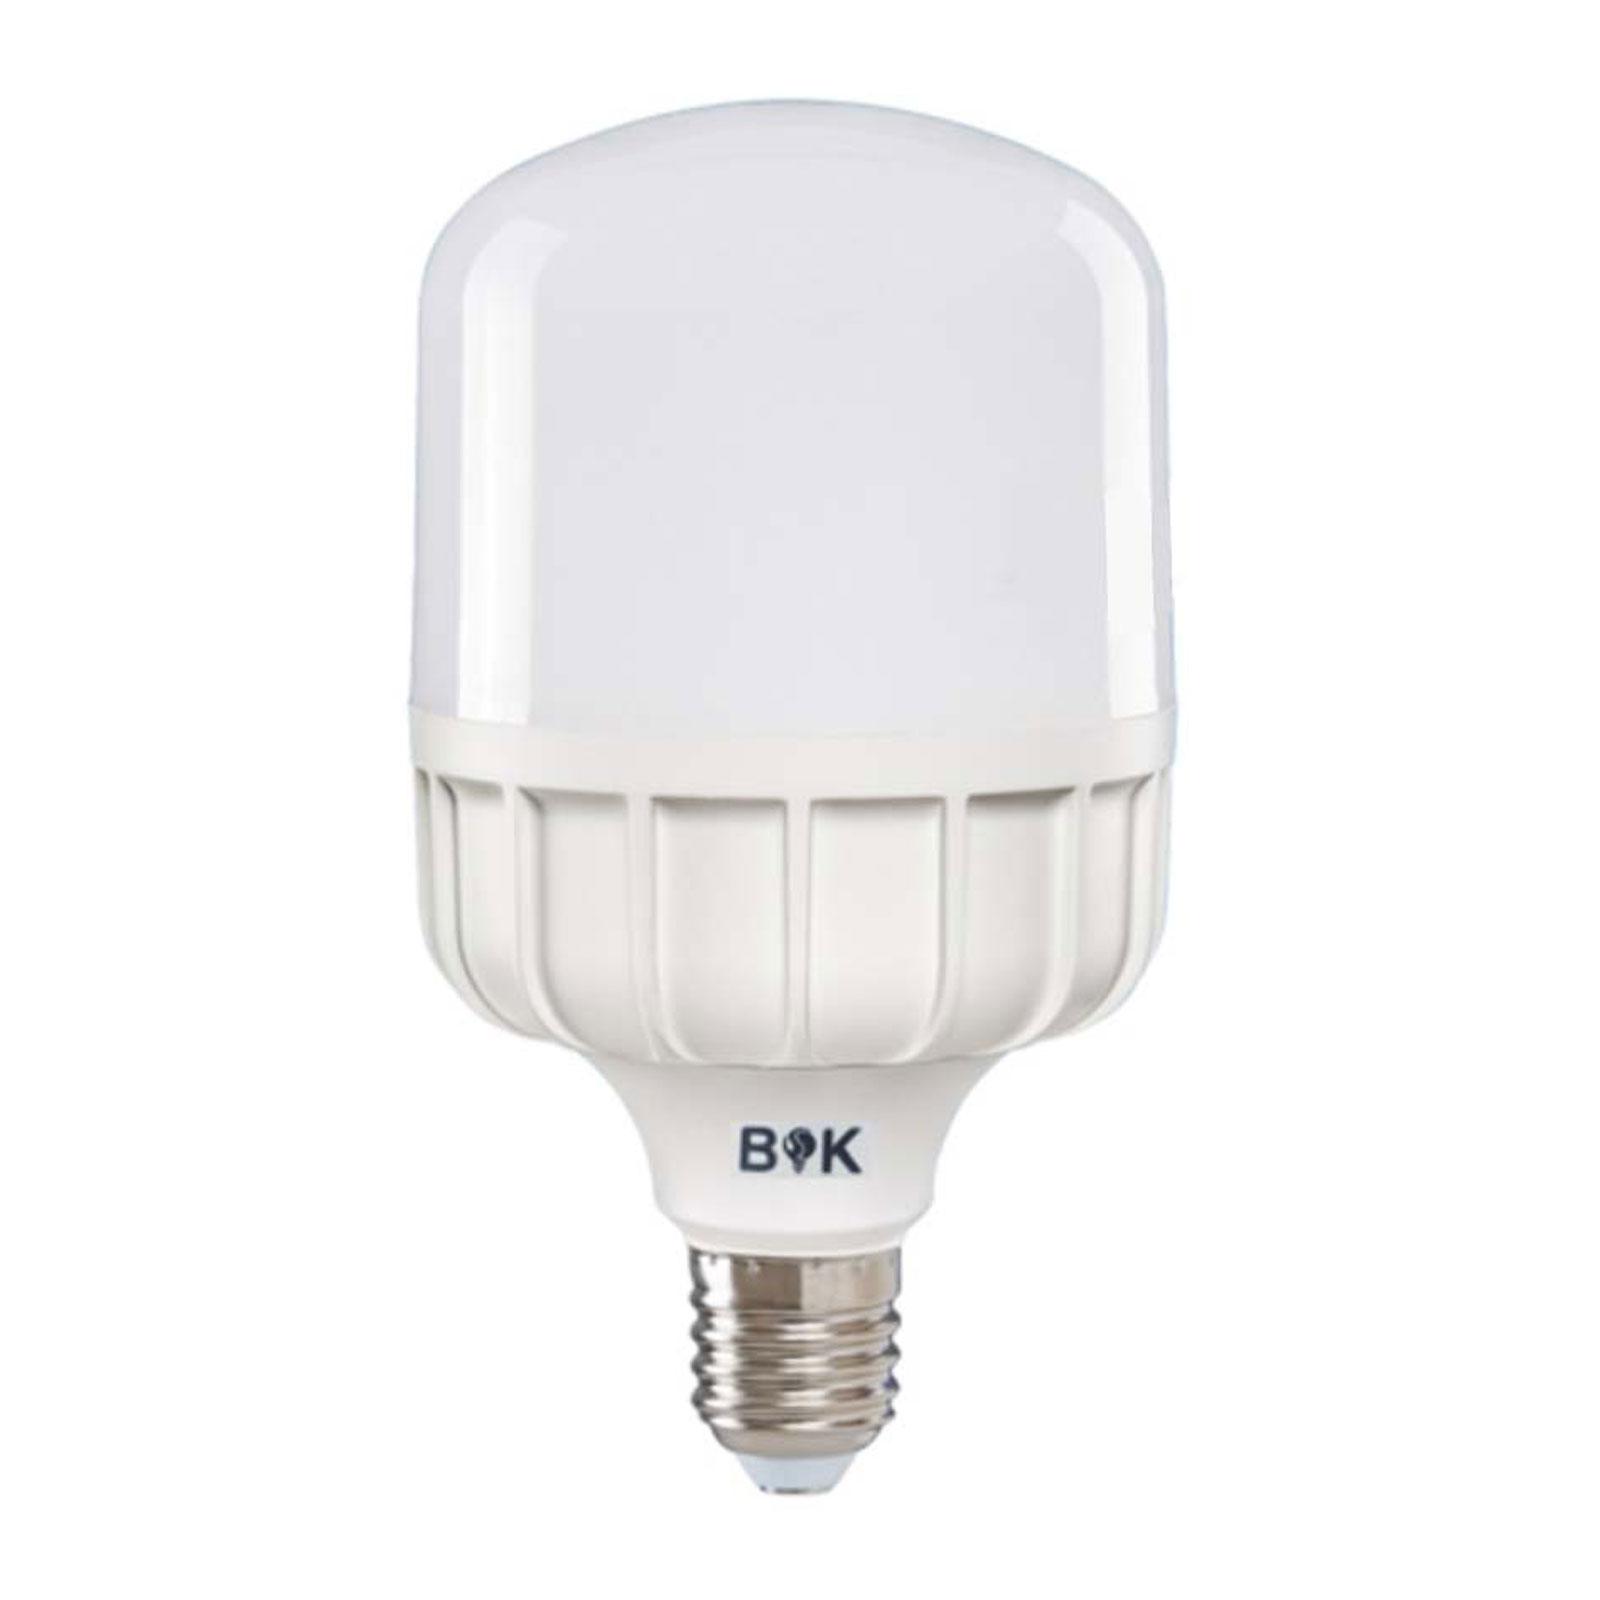 لامپ ال ای دی استوانه ای 40 وات بابک